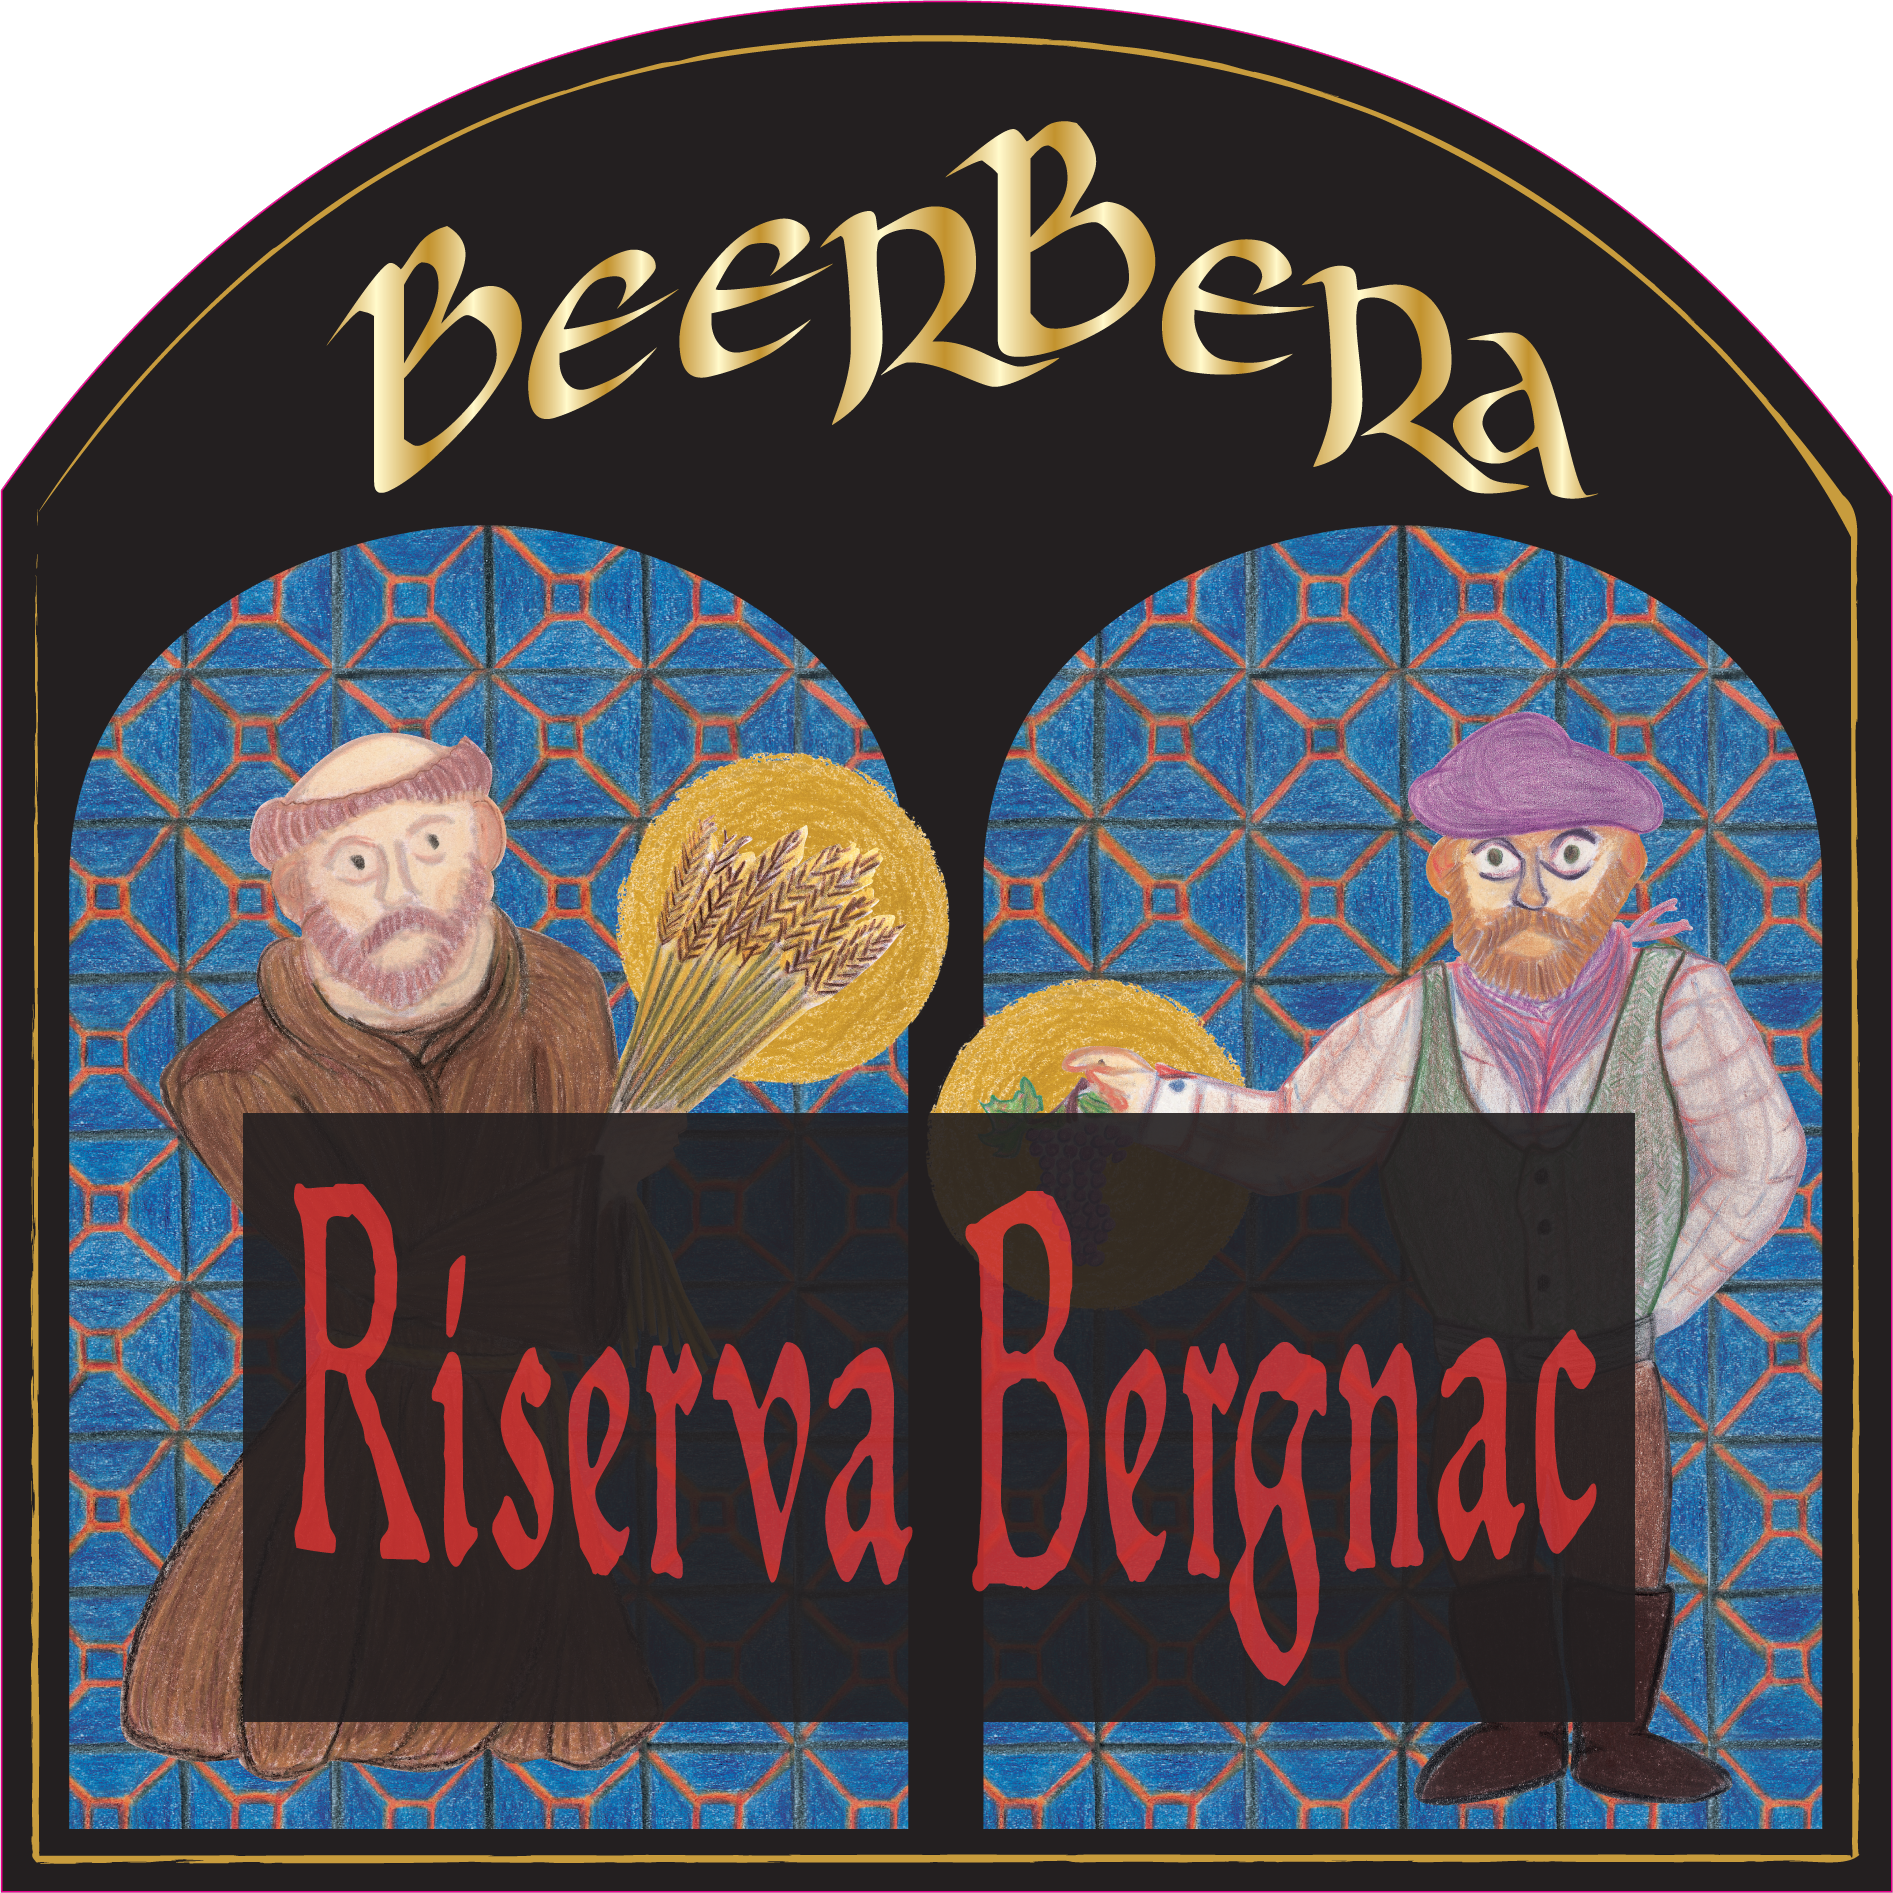 BeerBera Riserva Bergnac